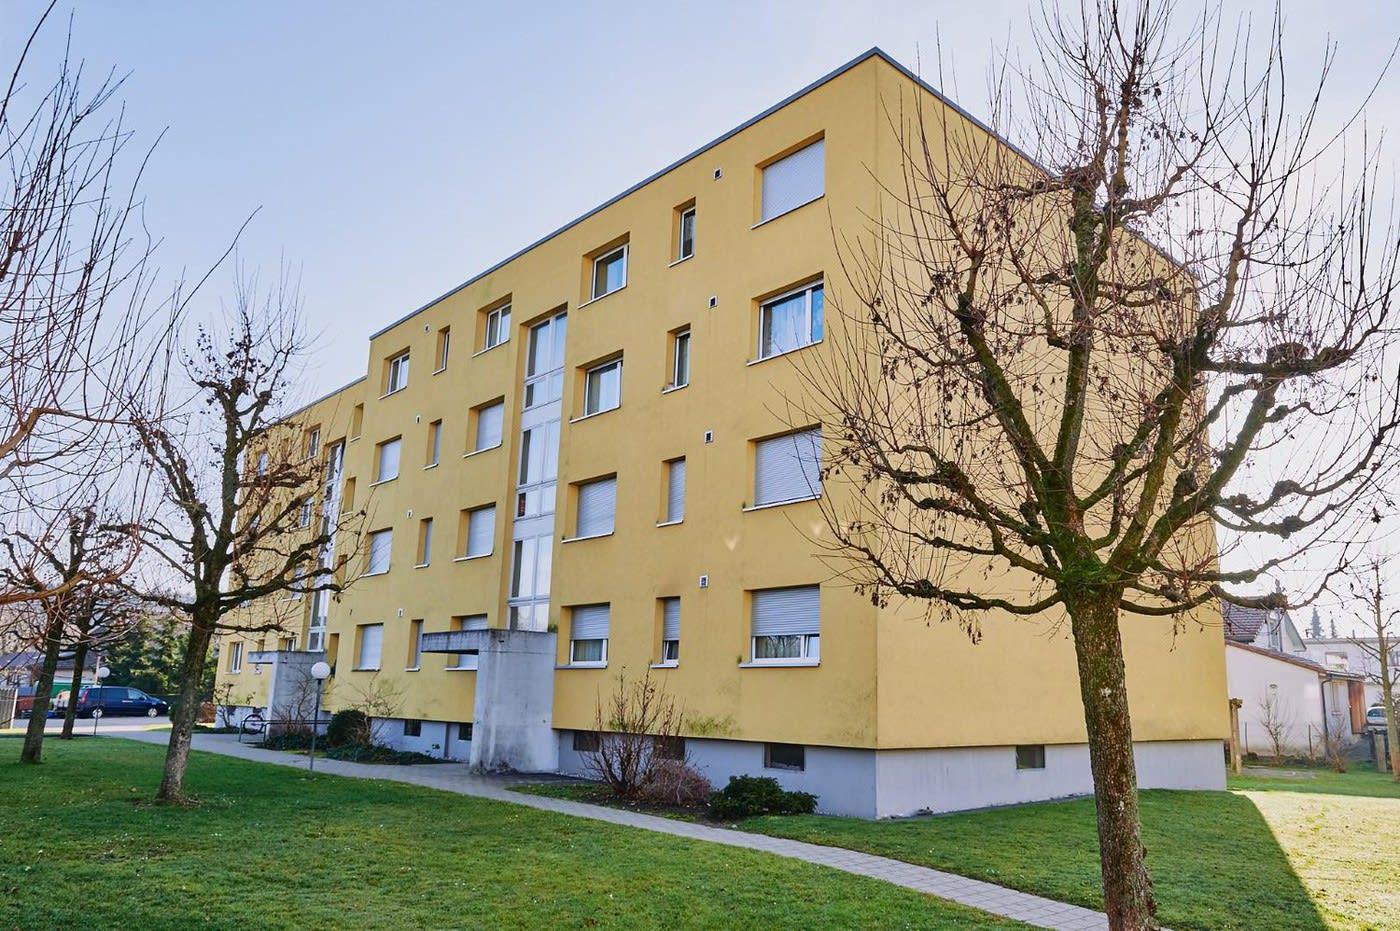 Kreuzfeldstrasse 57